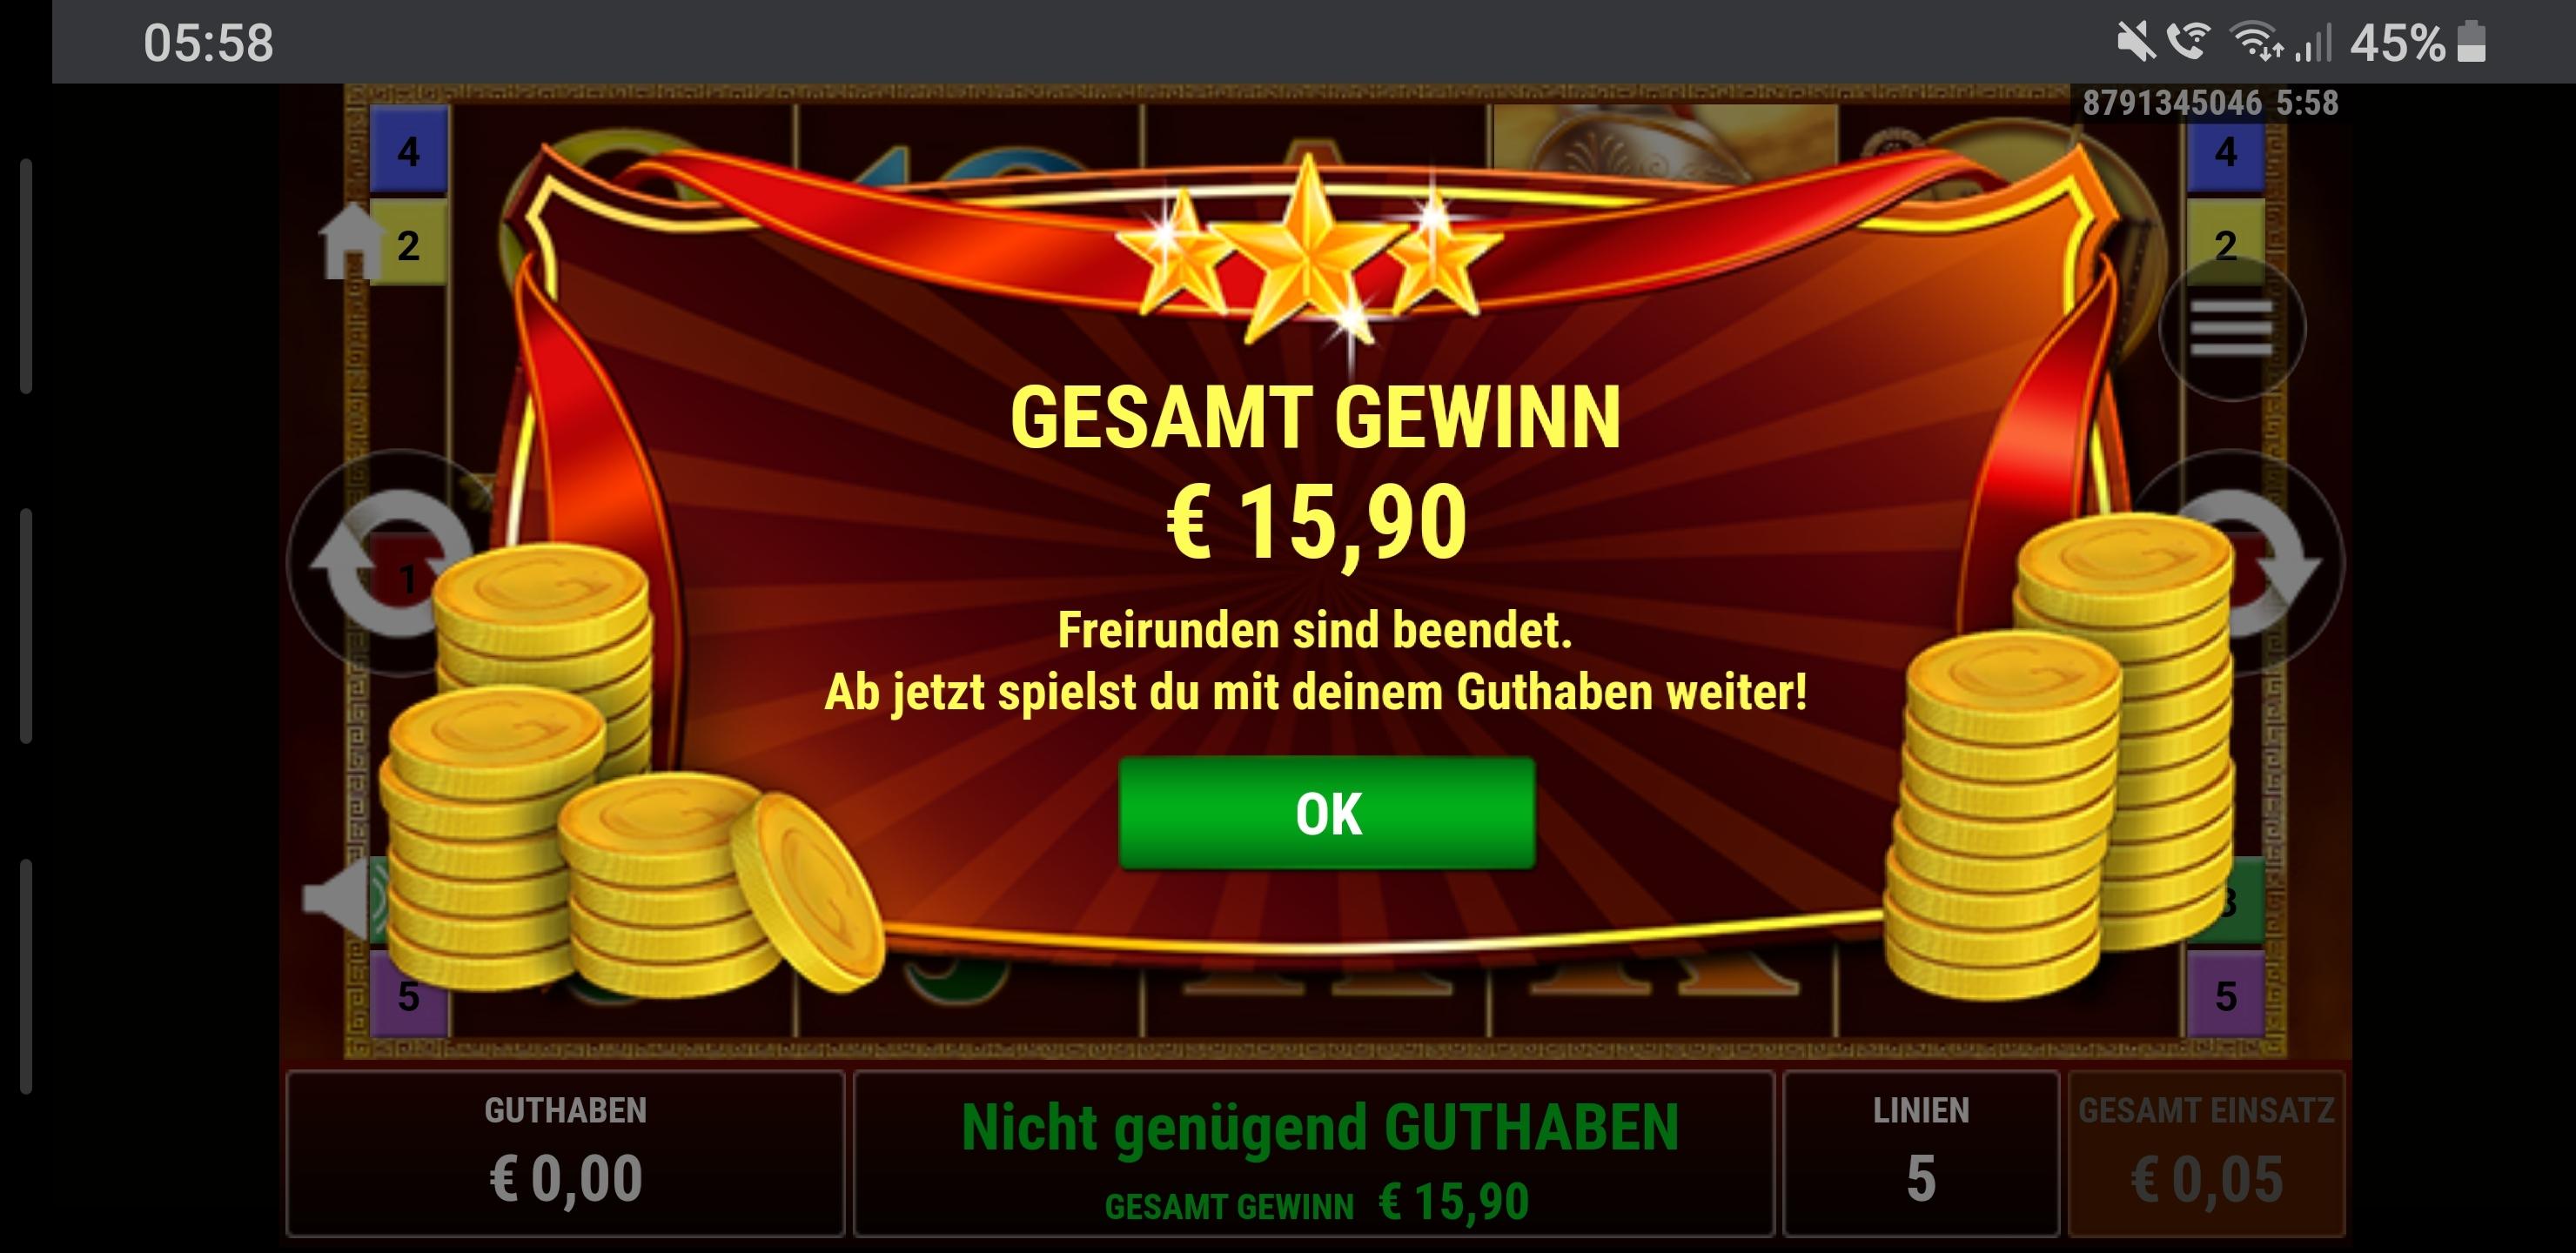 Stake7 Casino Bonus Codes 2021